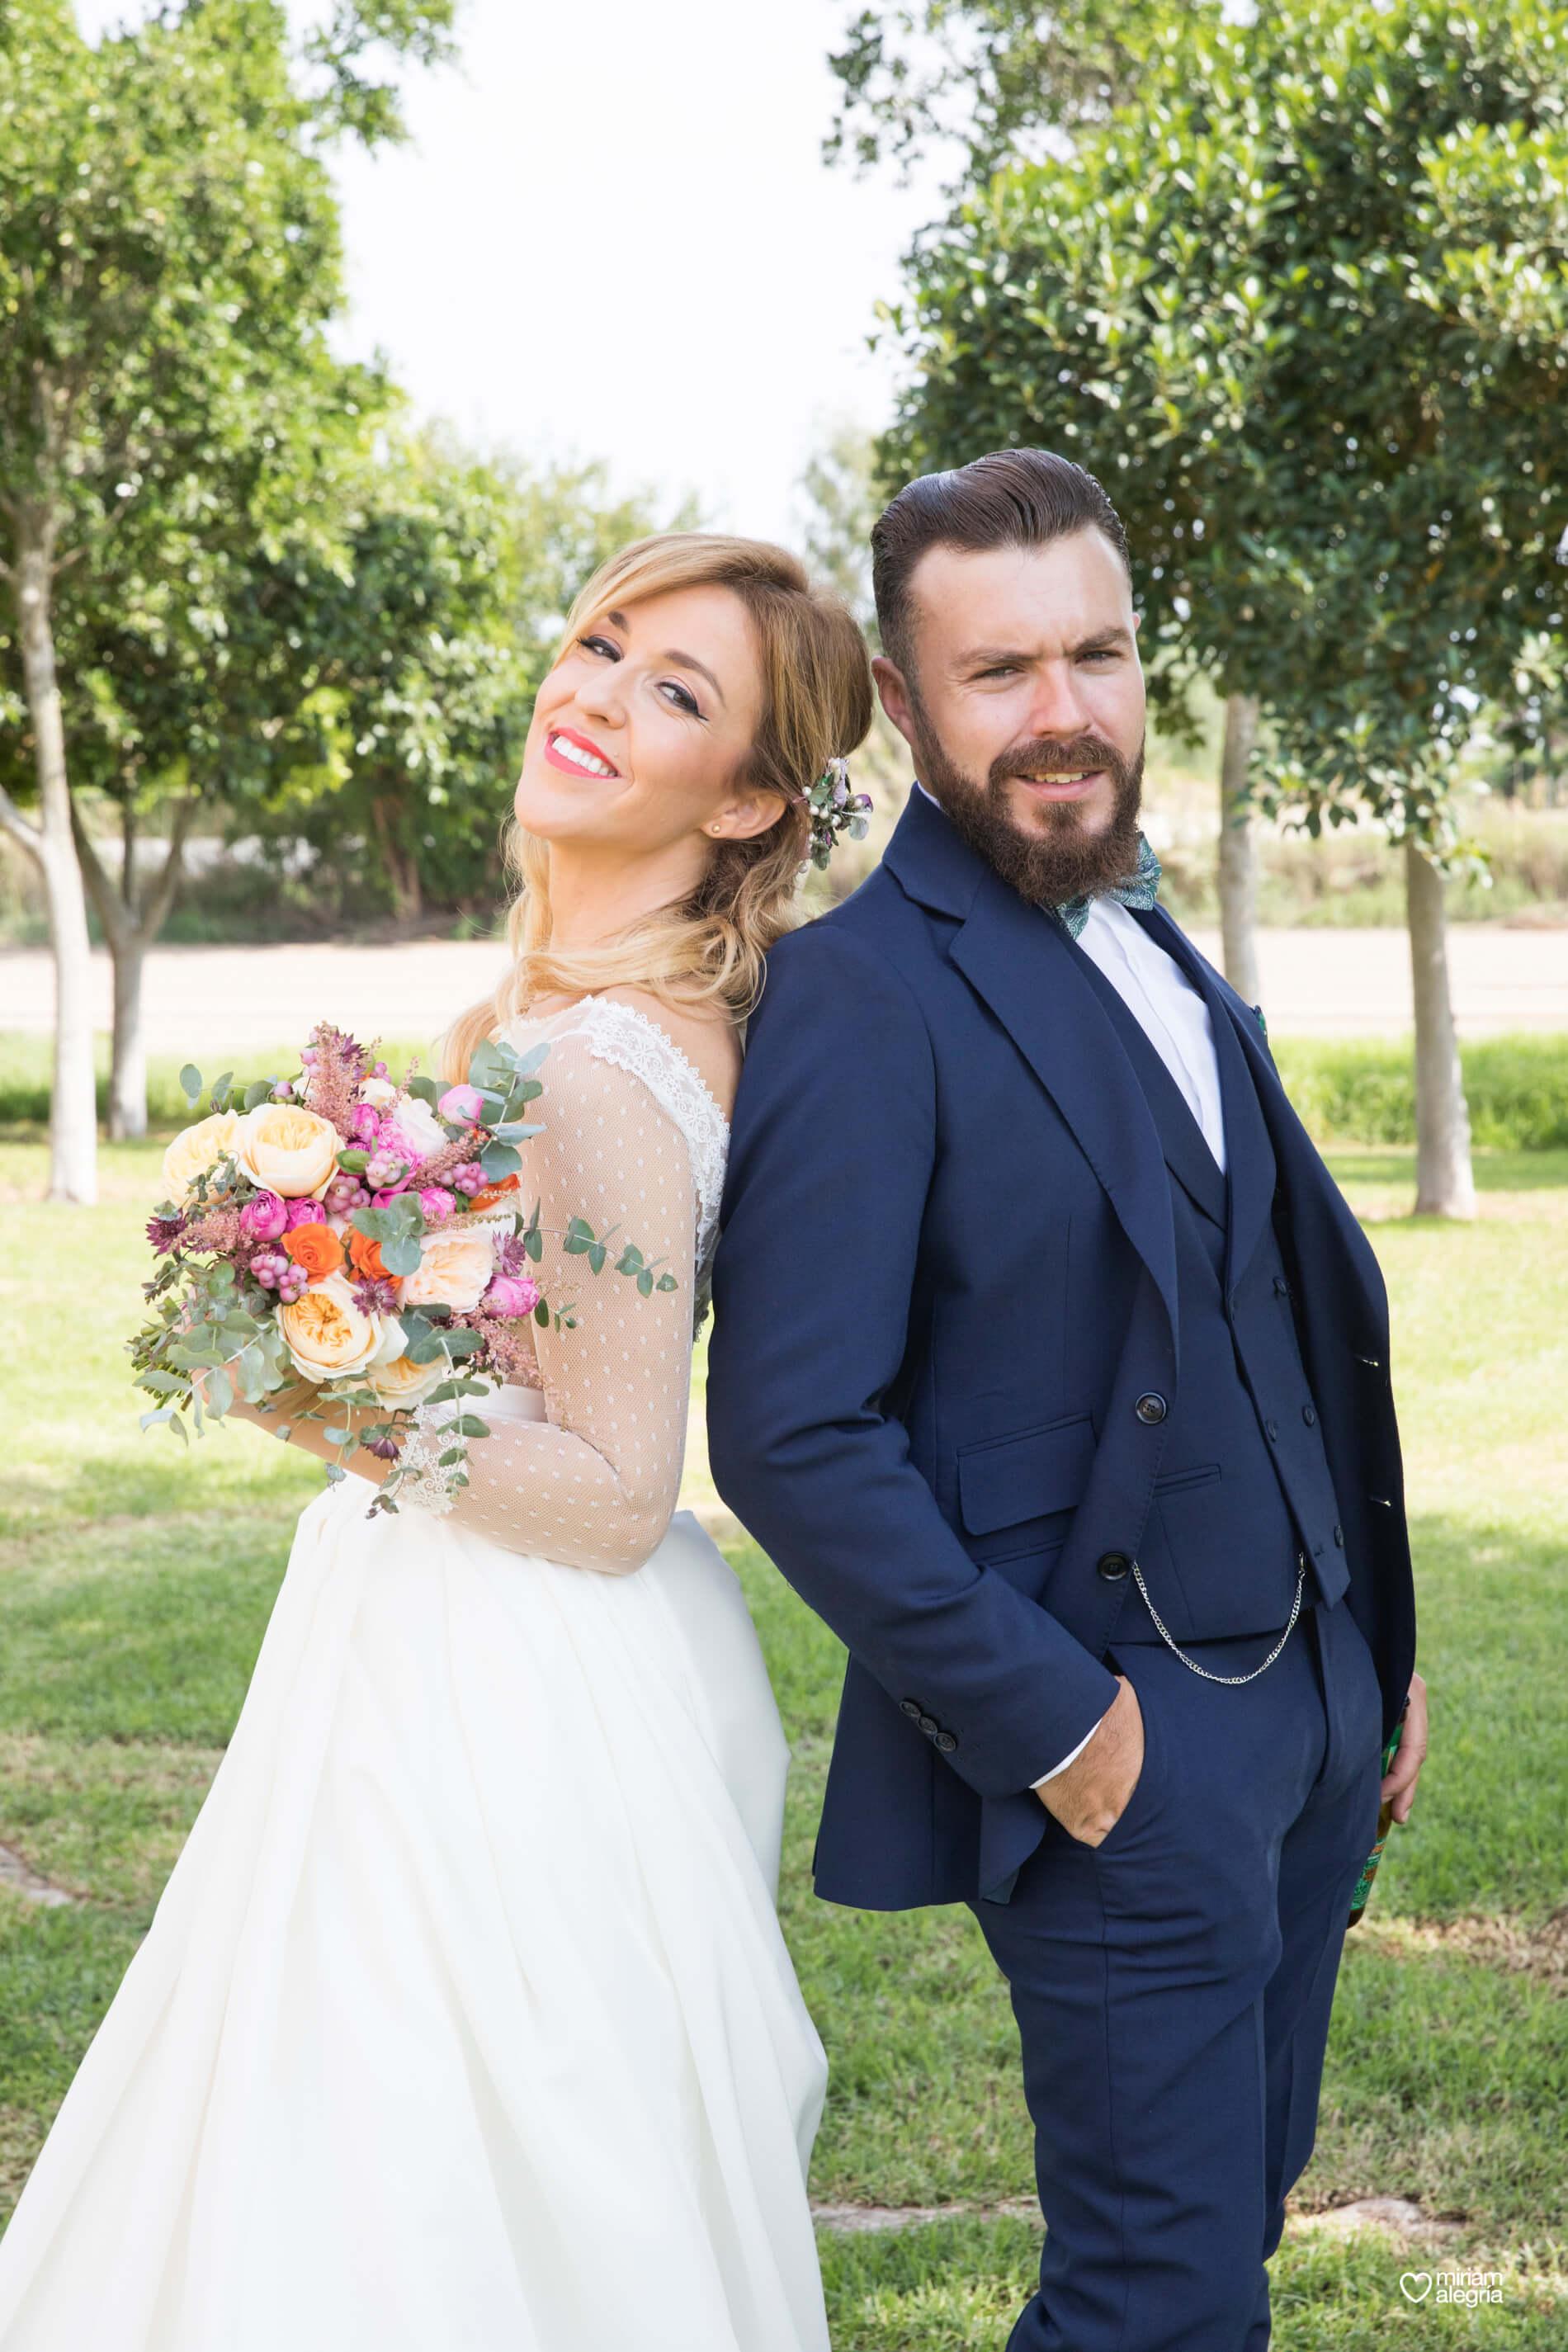 boda-en-finca-villa-vera-de-alemc7-miriam-alegria-fotografos-boda-murcia-130